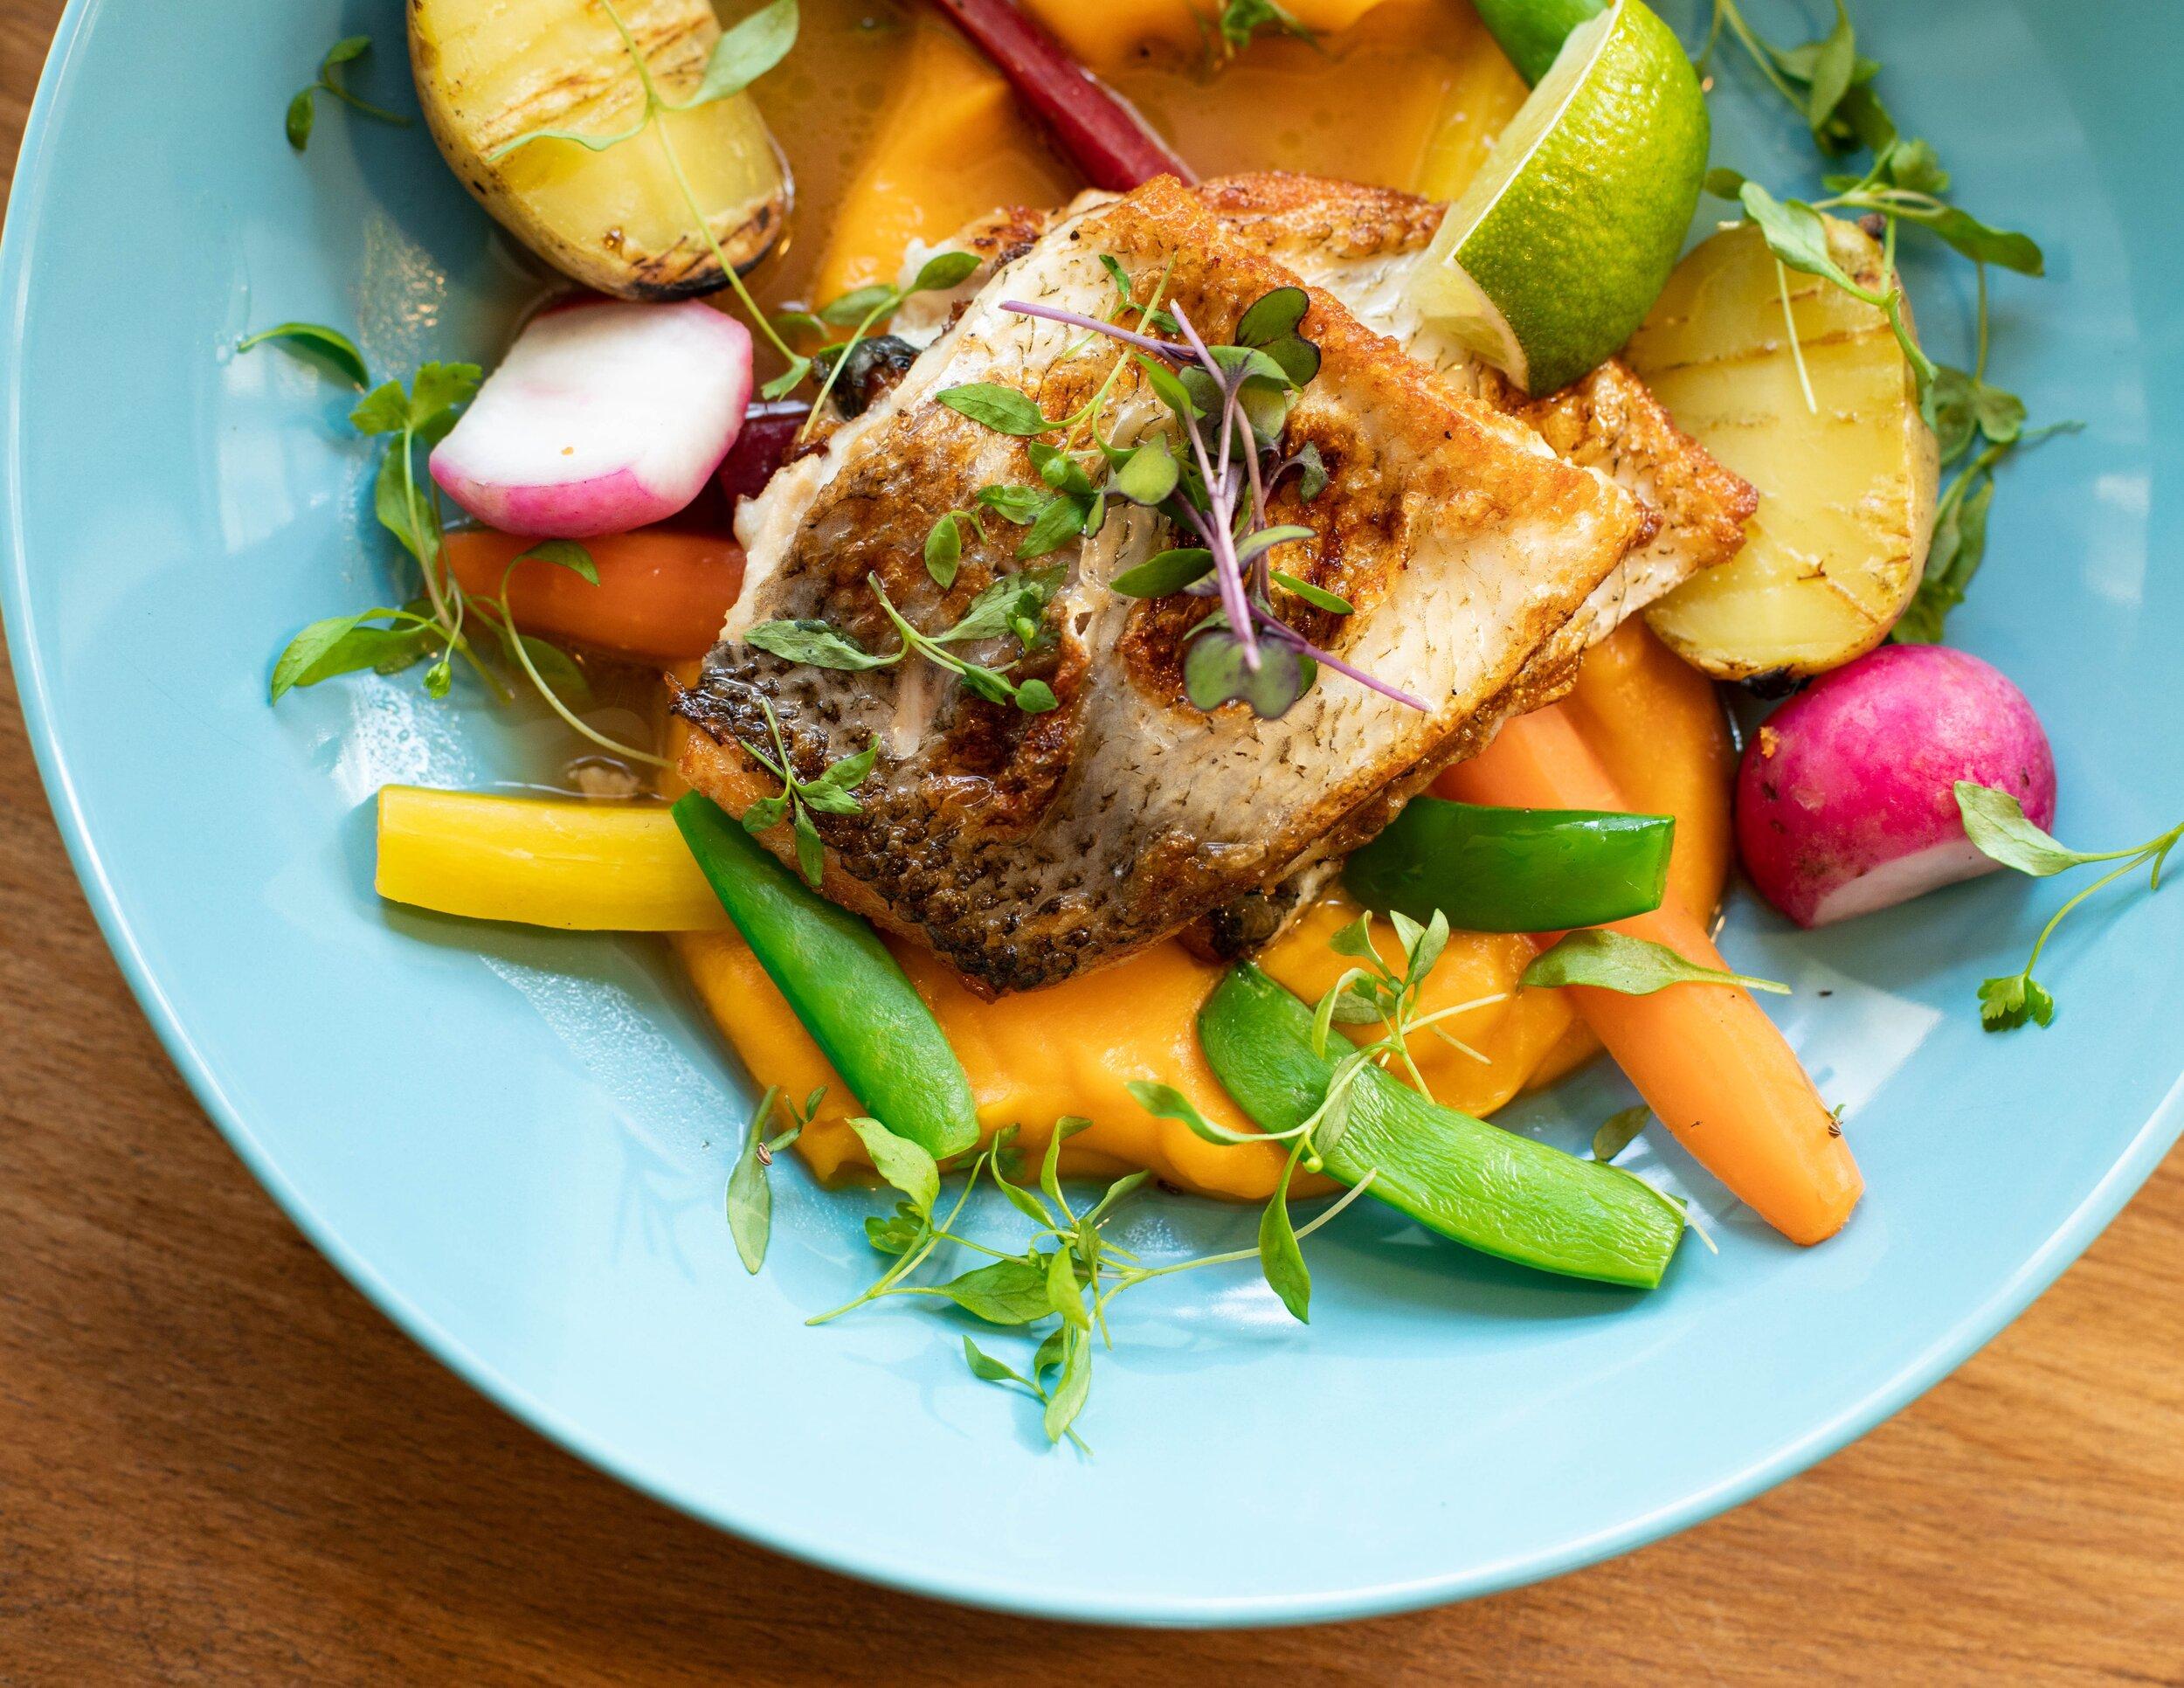 8-golden-rules-for-a-balanced-diet4.jpg